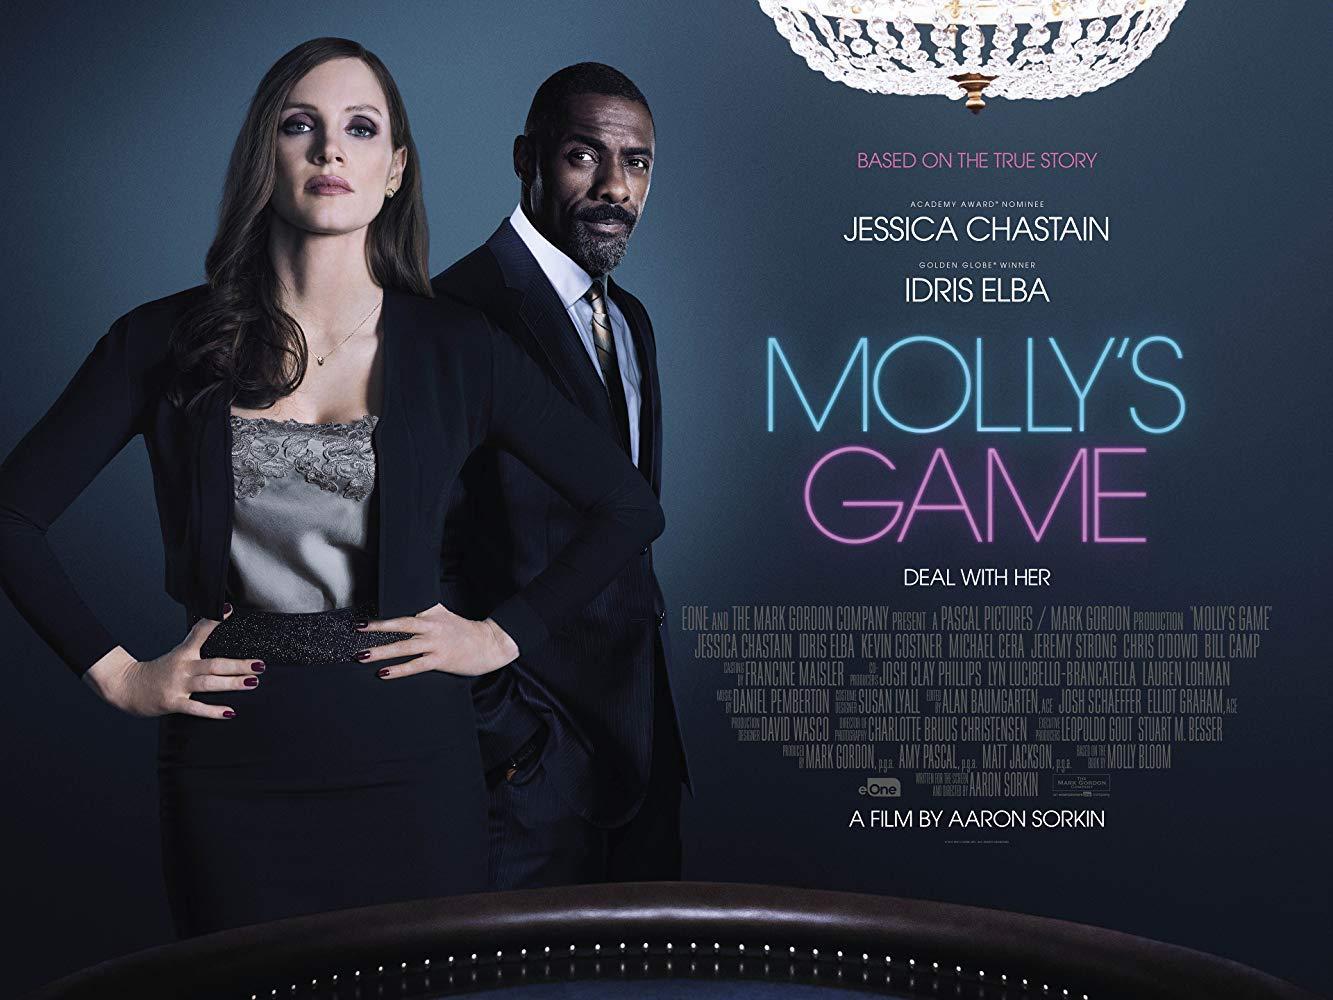 مشاهدة فيلم Molly's Game 2017 HD مترجم كامل اون لاين